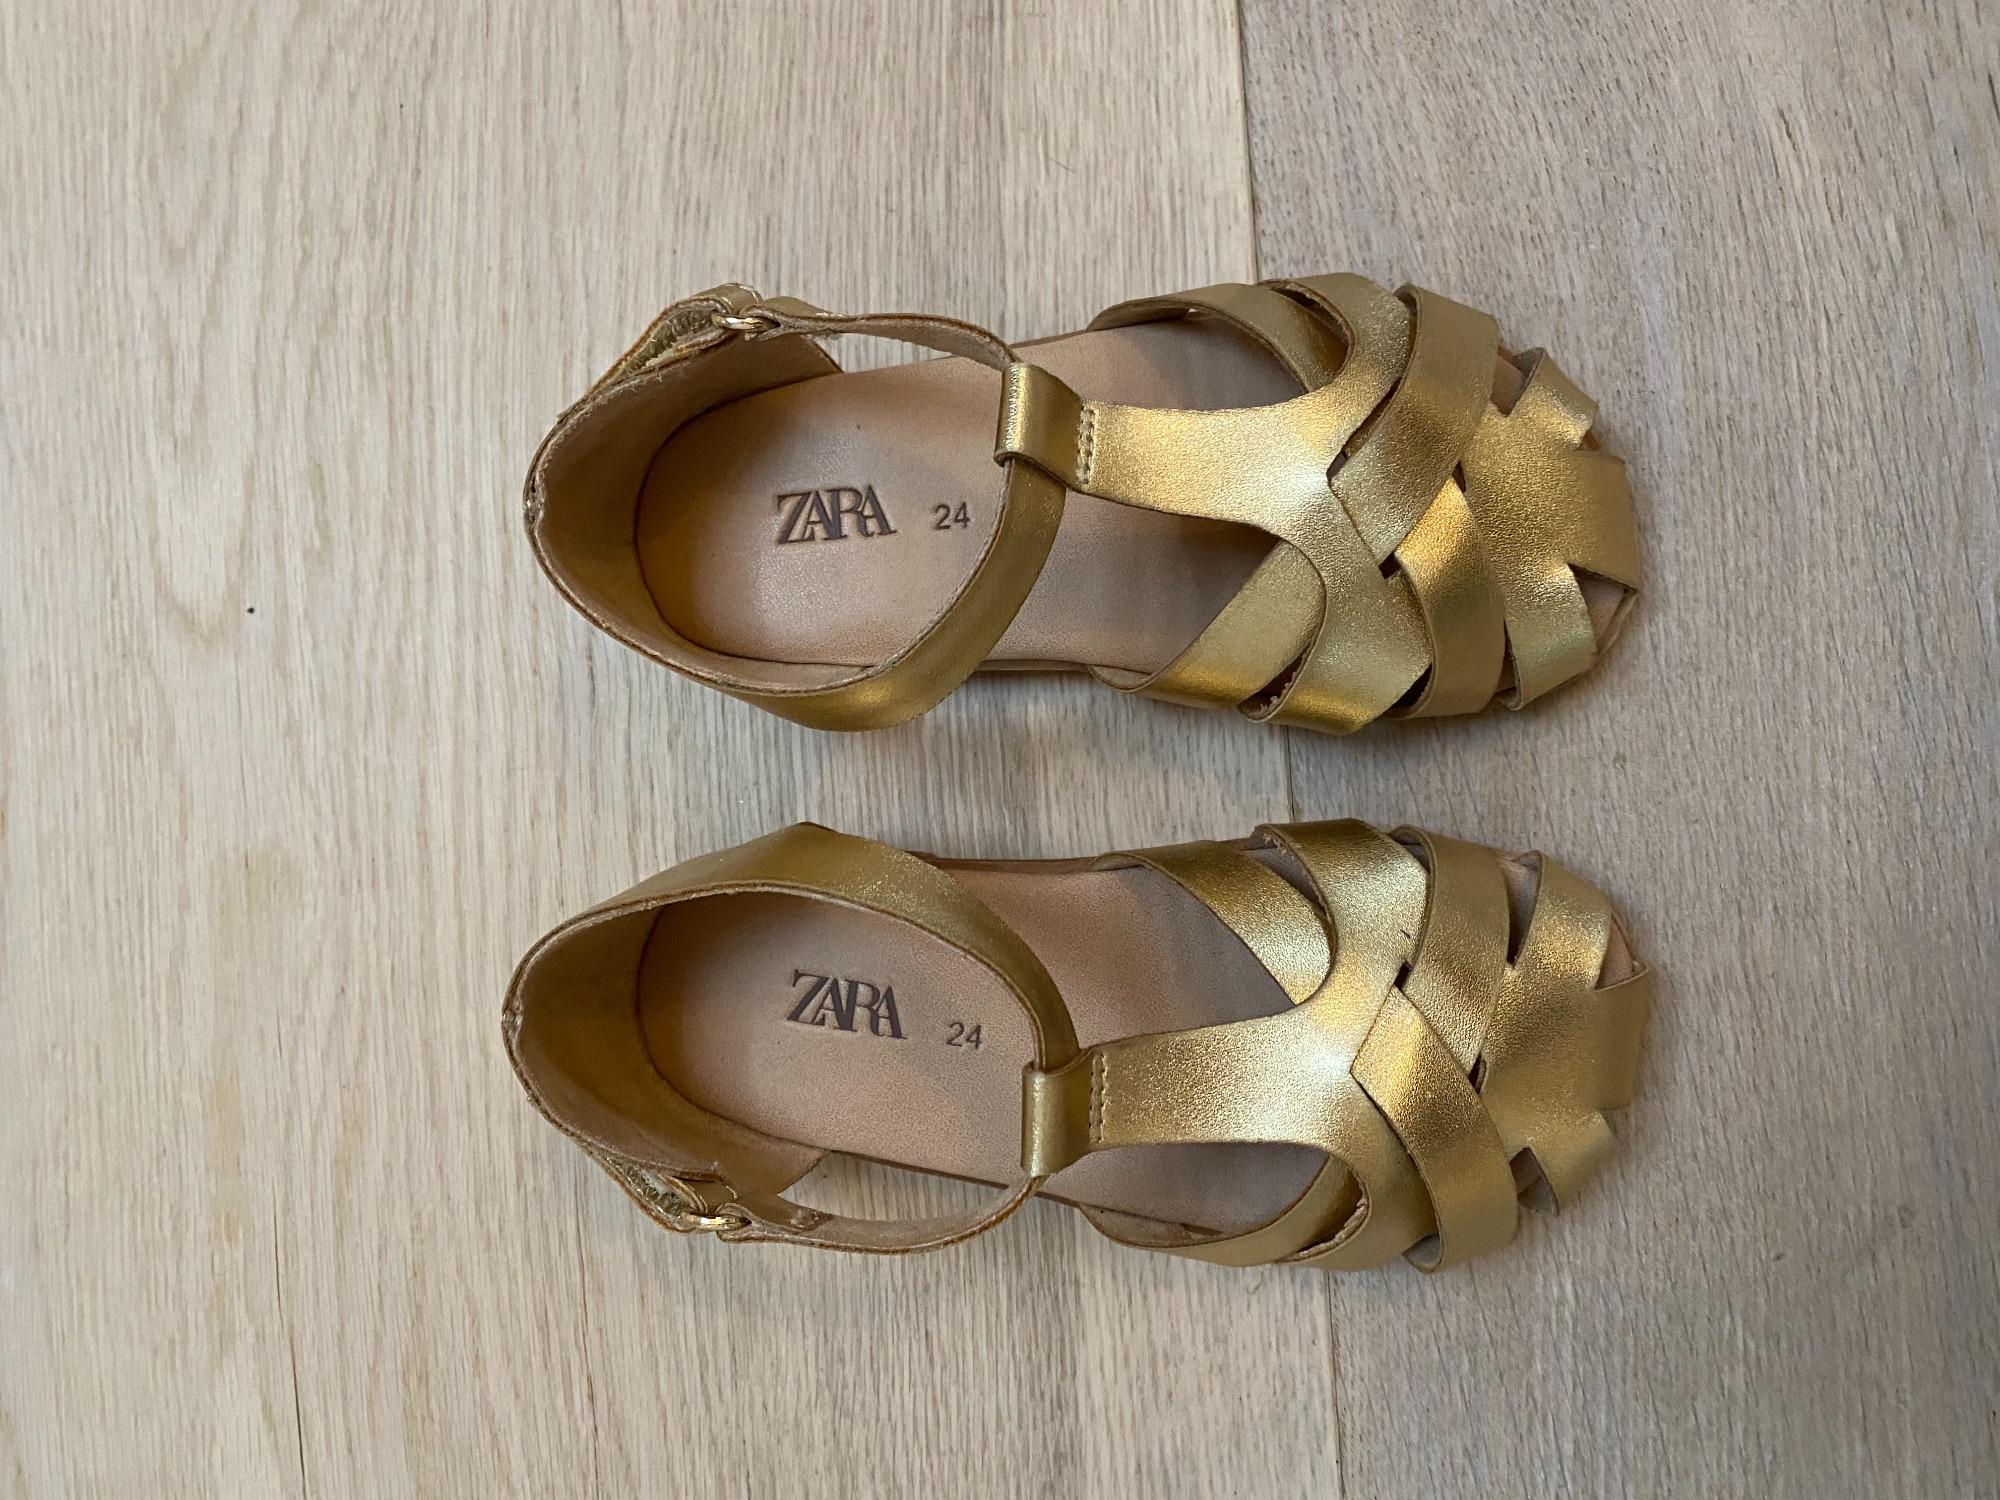 Gouden sandaaltjes van Zara maat 24